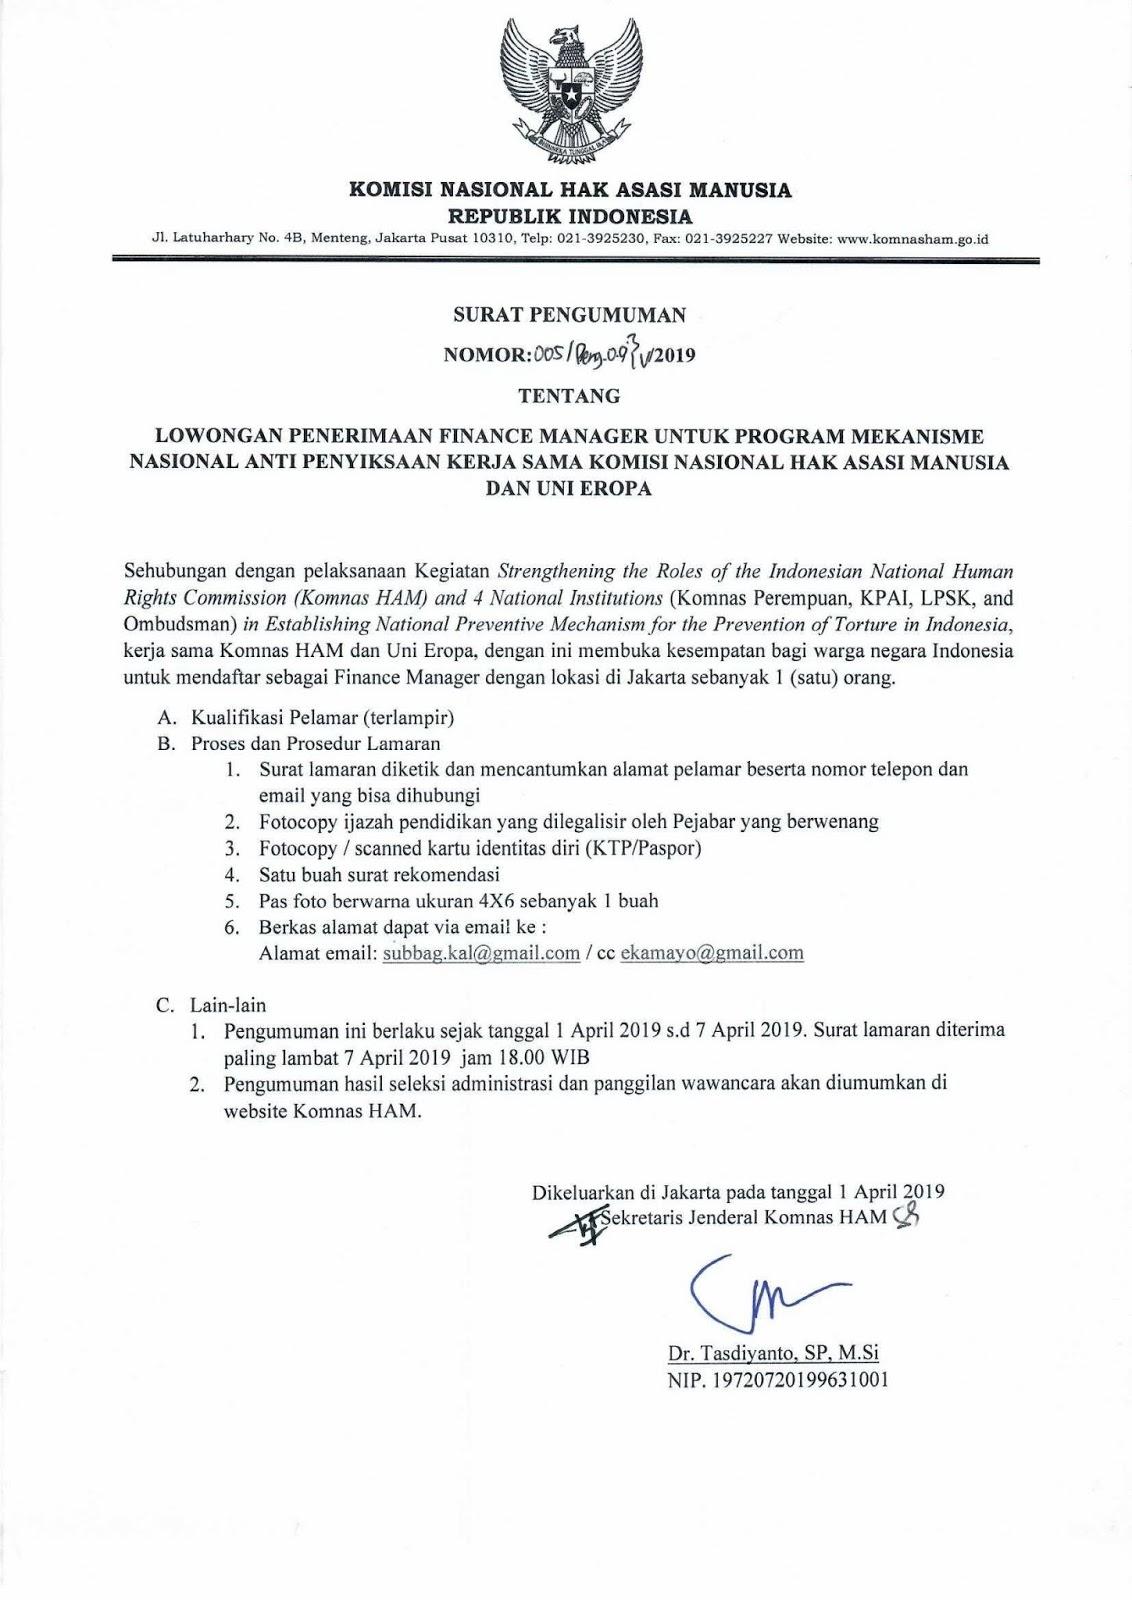 Lowongan Kerja Finance Manager Komnas HAM